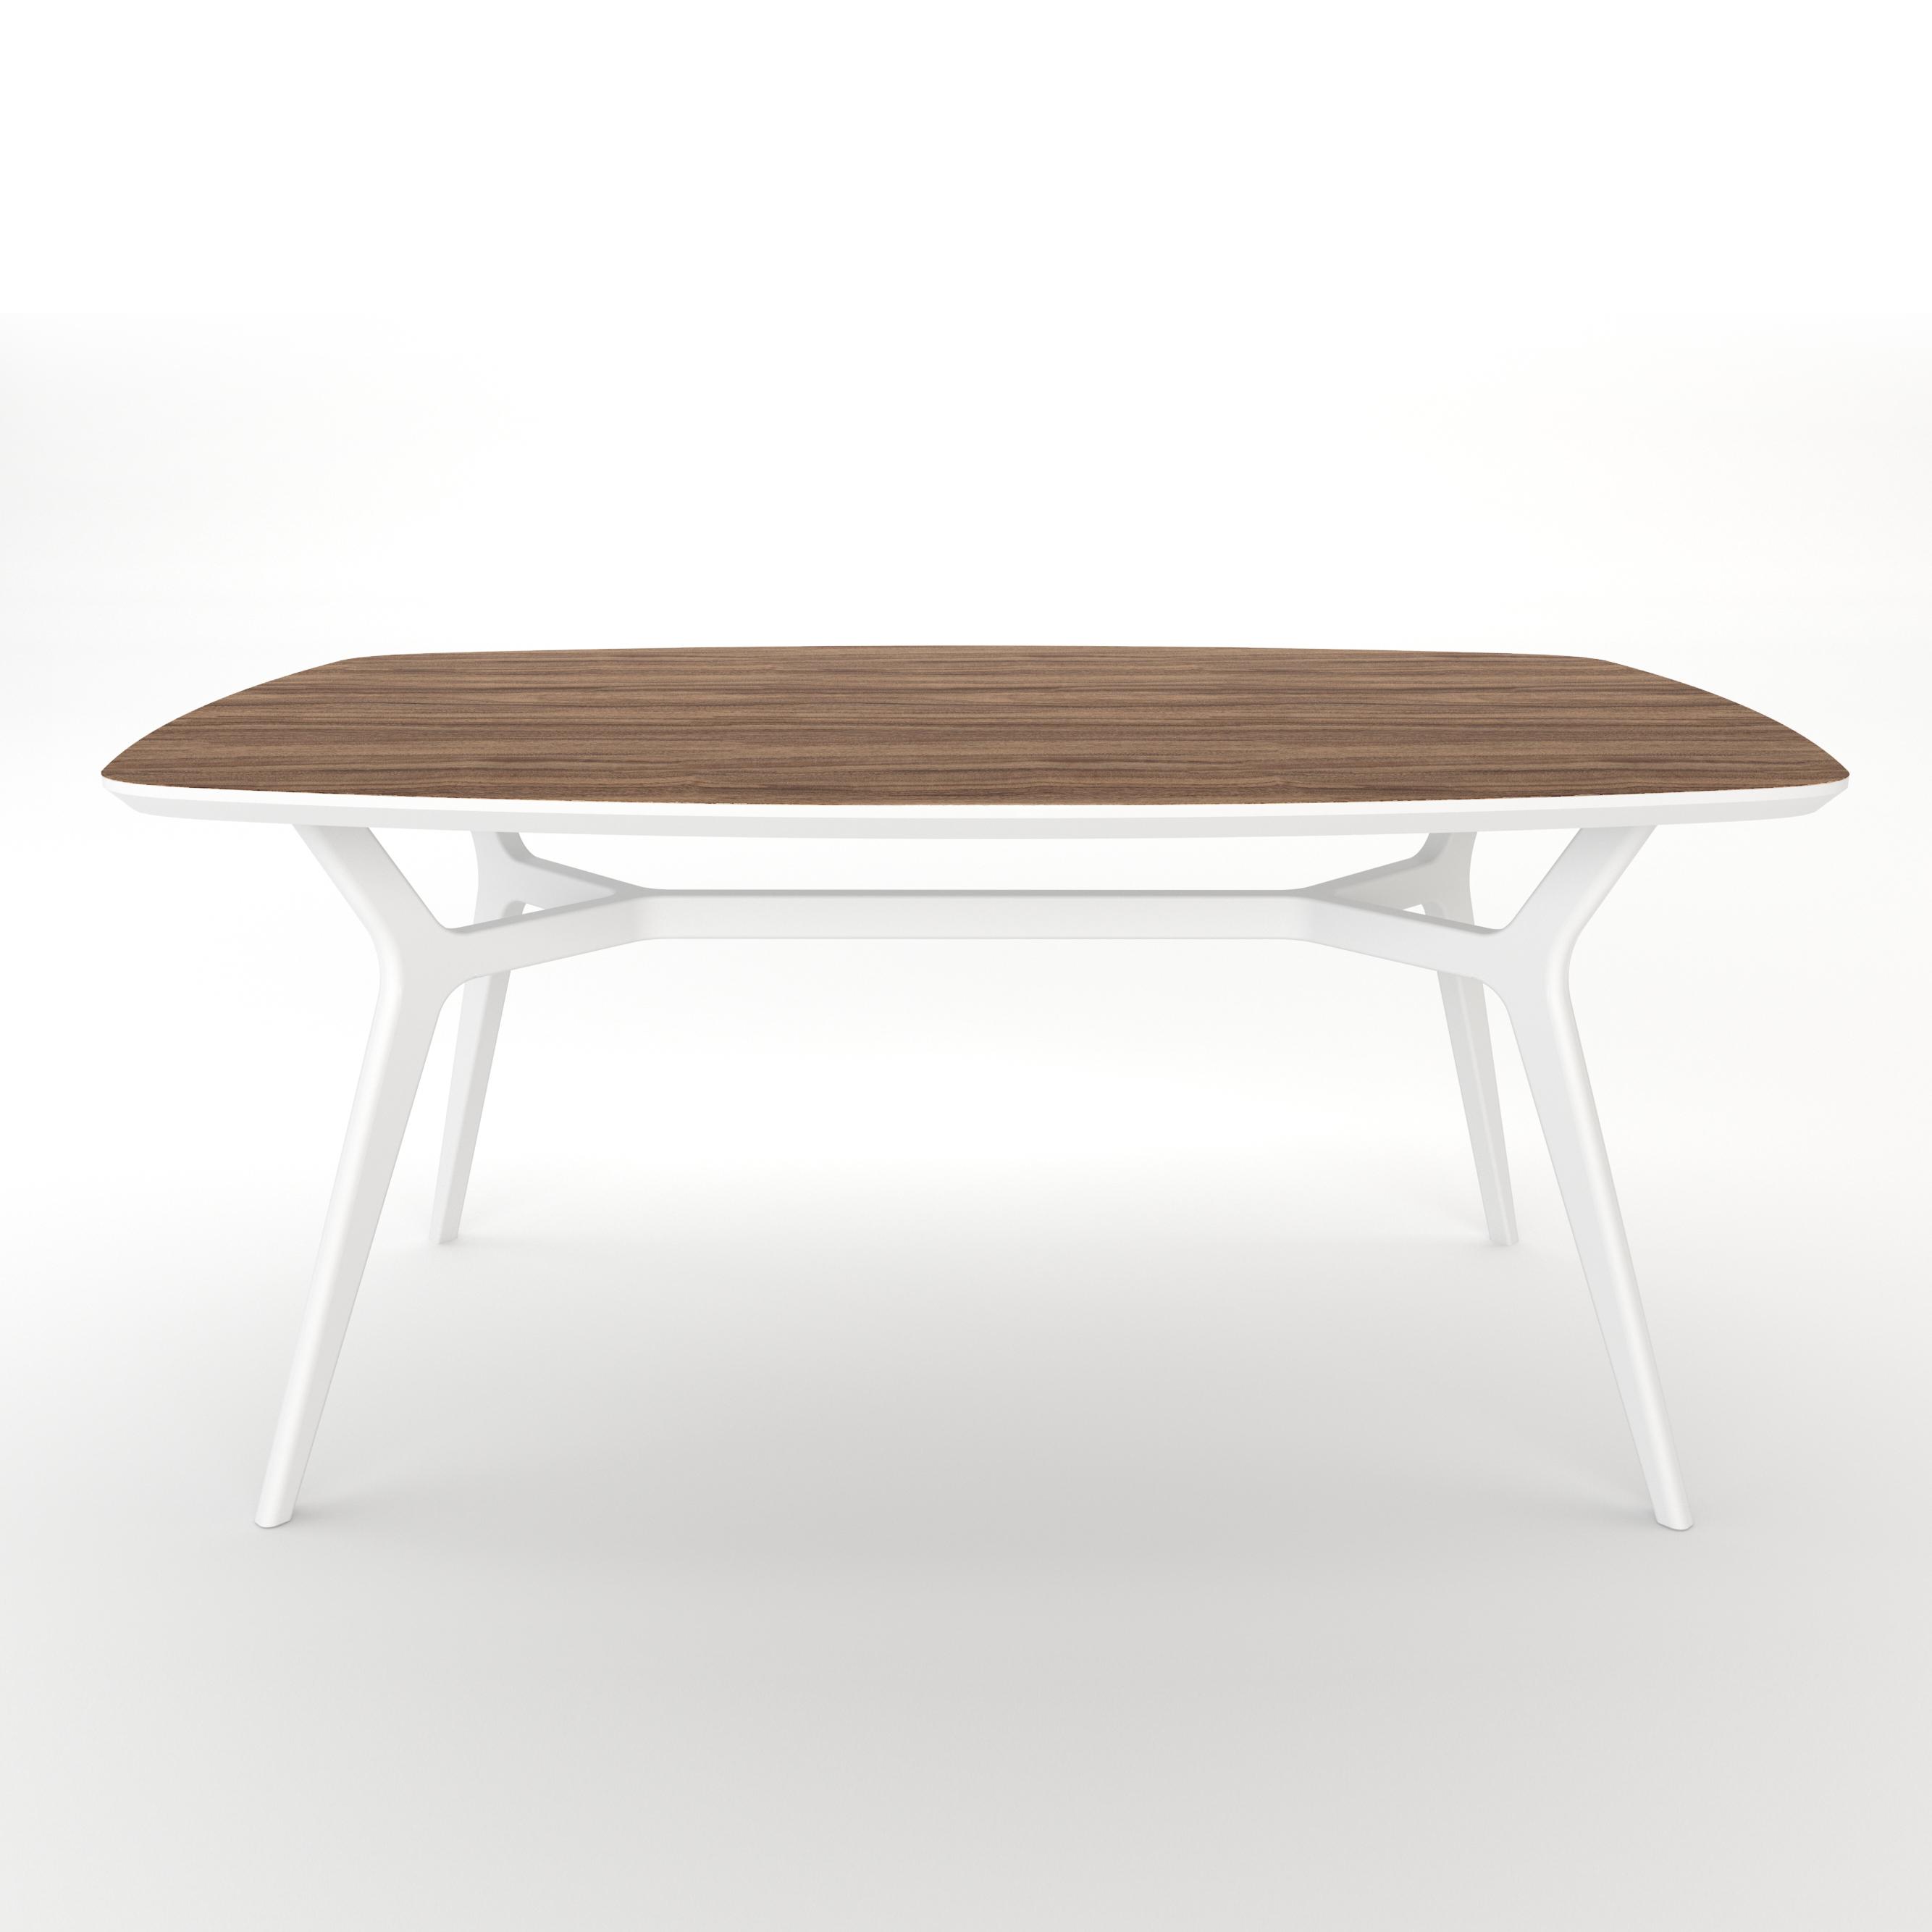 Стол JohannОбеденные столы<br>Тщательная проработка деталей и пропорций стола позволяет ему идеально вписаться в любой интерьер .&amp;lt;div&amp;gt;&amp;lt;br&amp;gt;&amp;lt;/div&amp;gt;&amp;lt;div&amp;gt;Отделка столешницы шпоном ореха, подстолье выкрашено в белый цвет. Сборка не требуется.&amp;lt;/div&amp;gt;<br><br>Material: МДФ<br>Ширина см: 140<br>Высота см: 75<br>Глубина см: 90